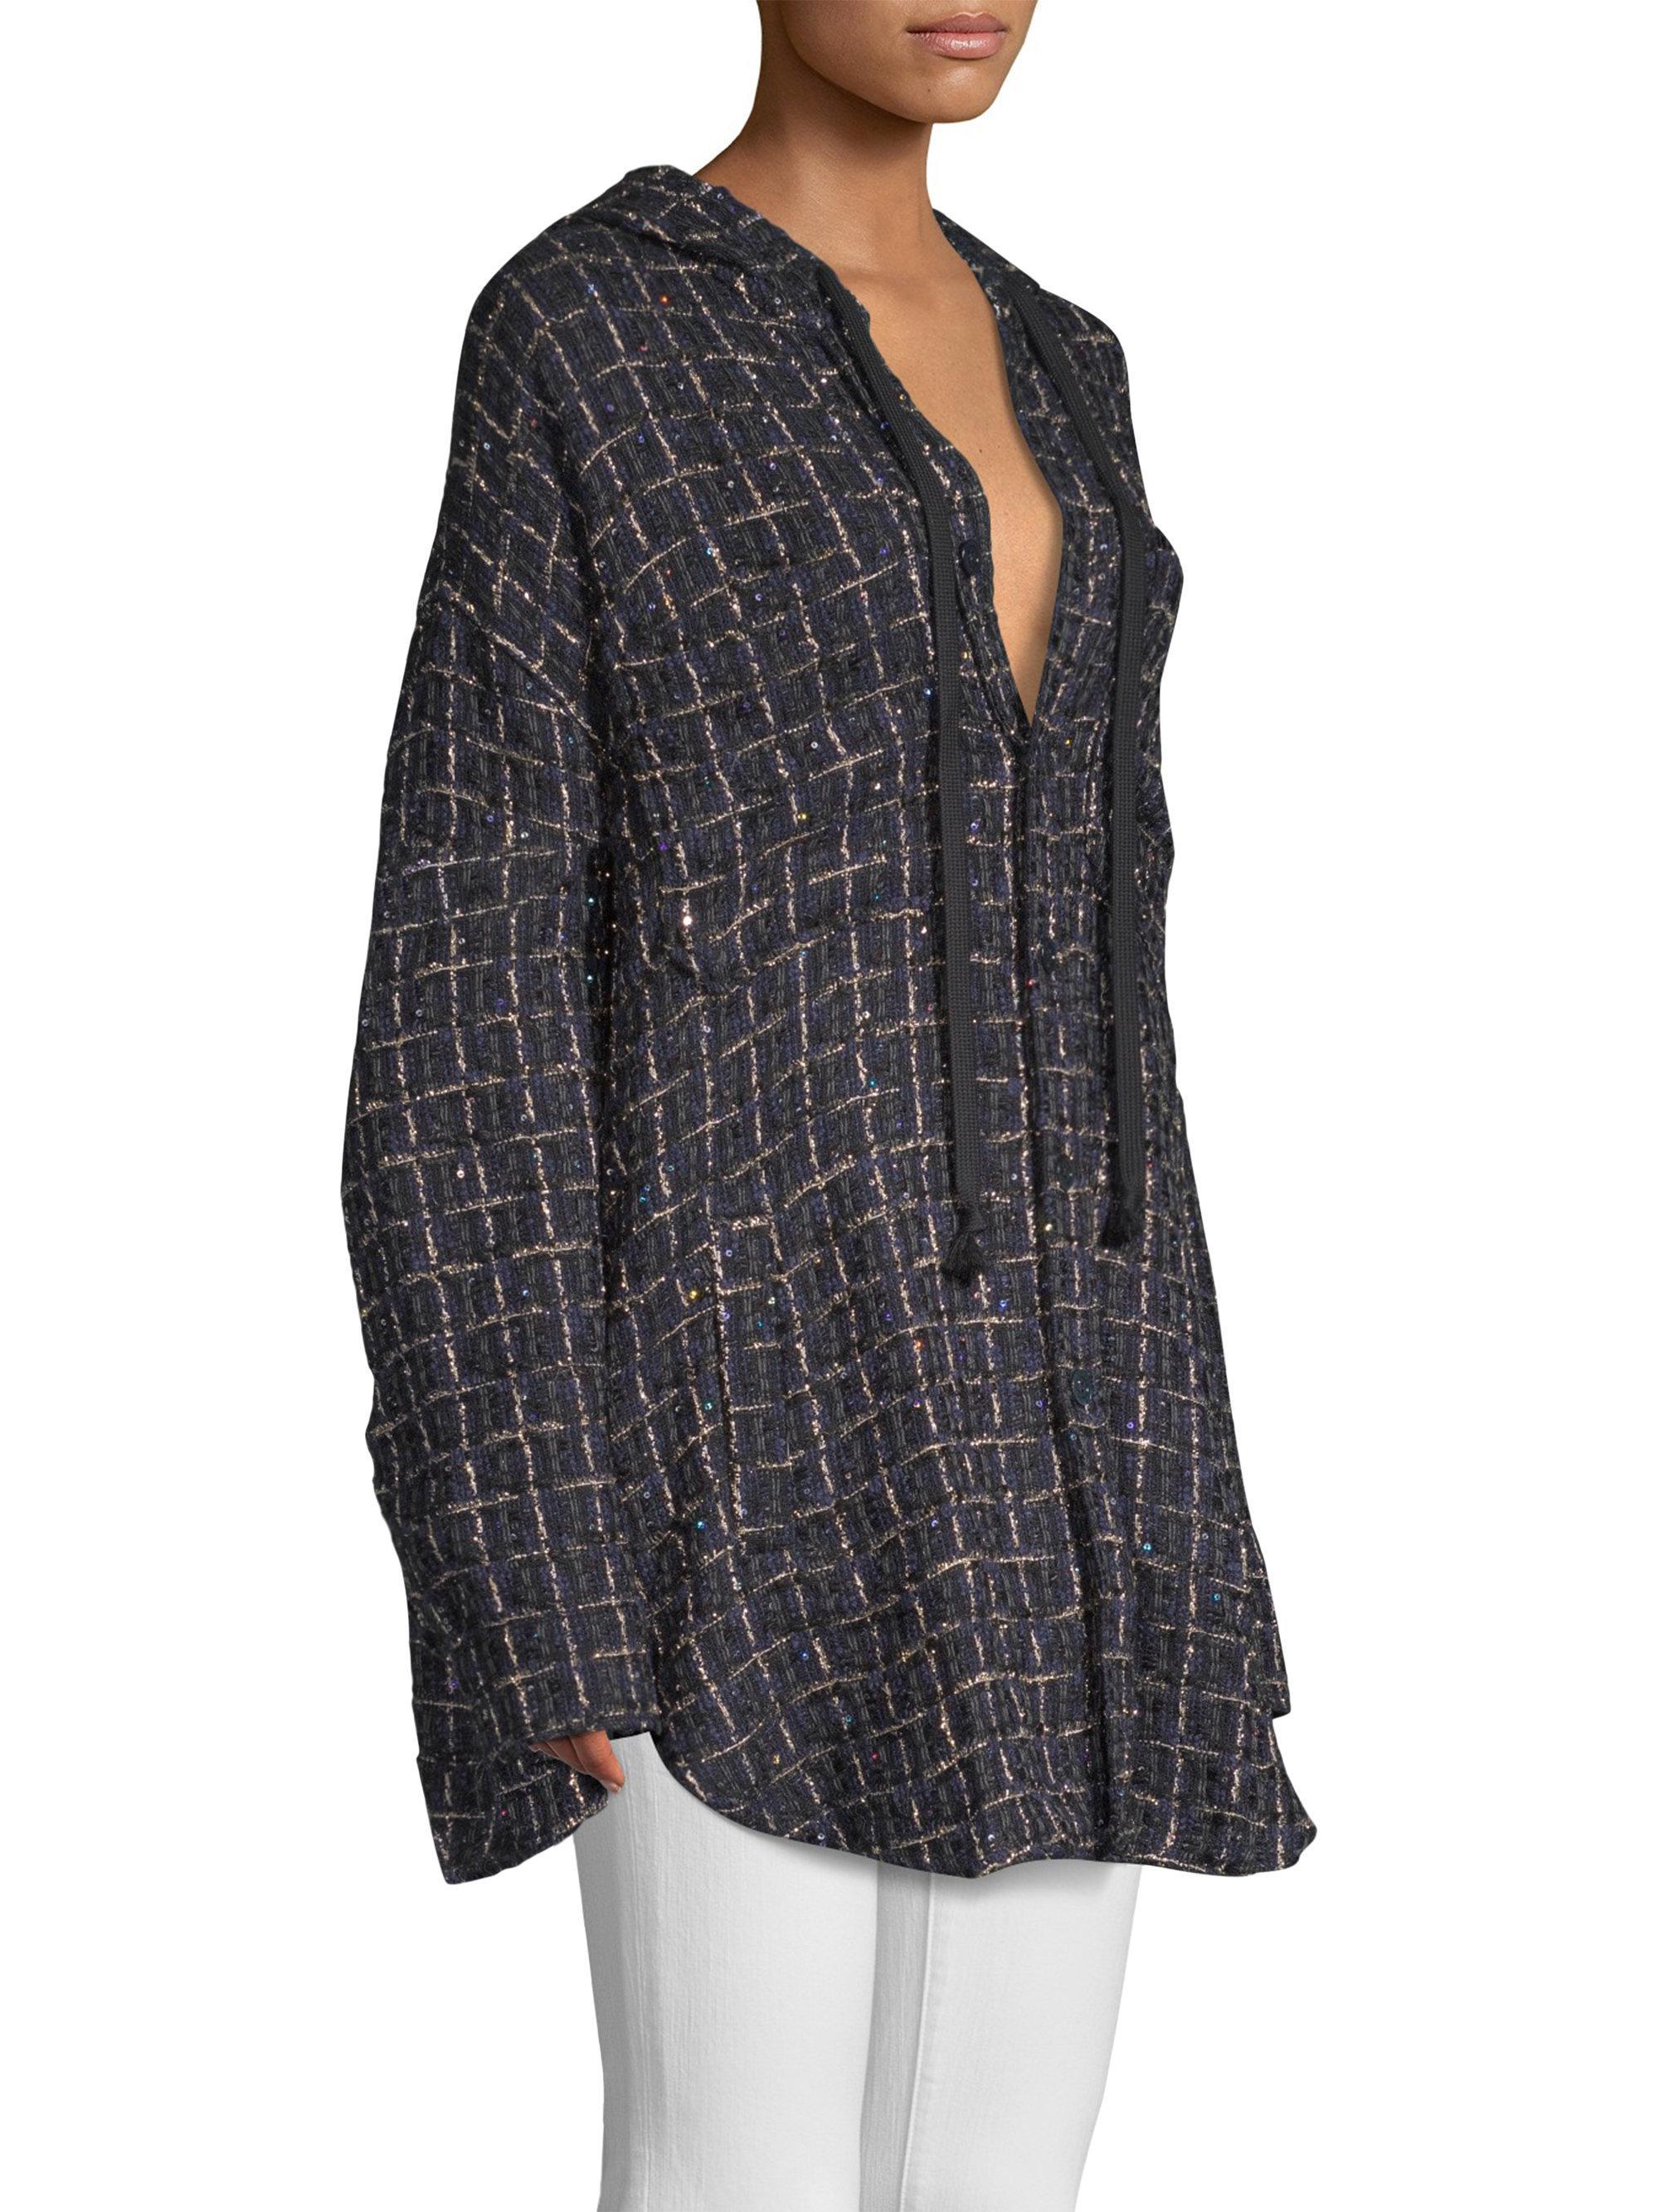 Lyst In Tweed Sweatshirt Faith Black Button Connexion Front qMpzGLSVjU